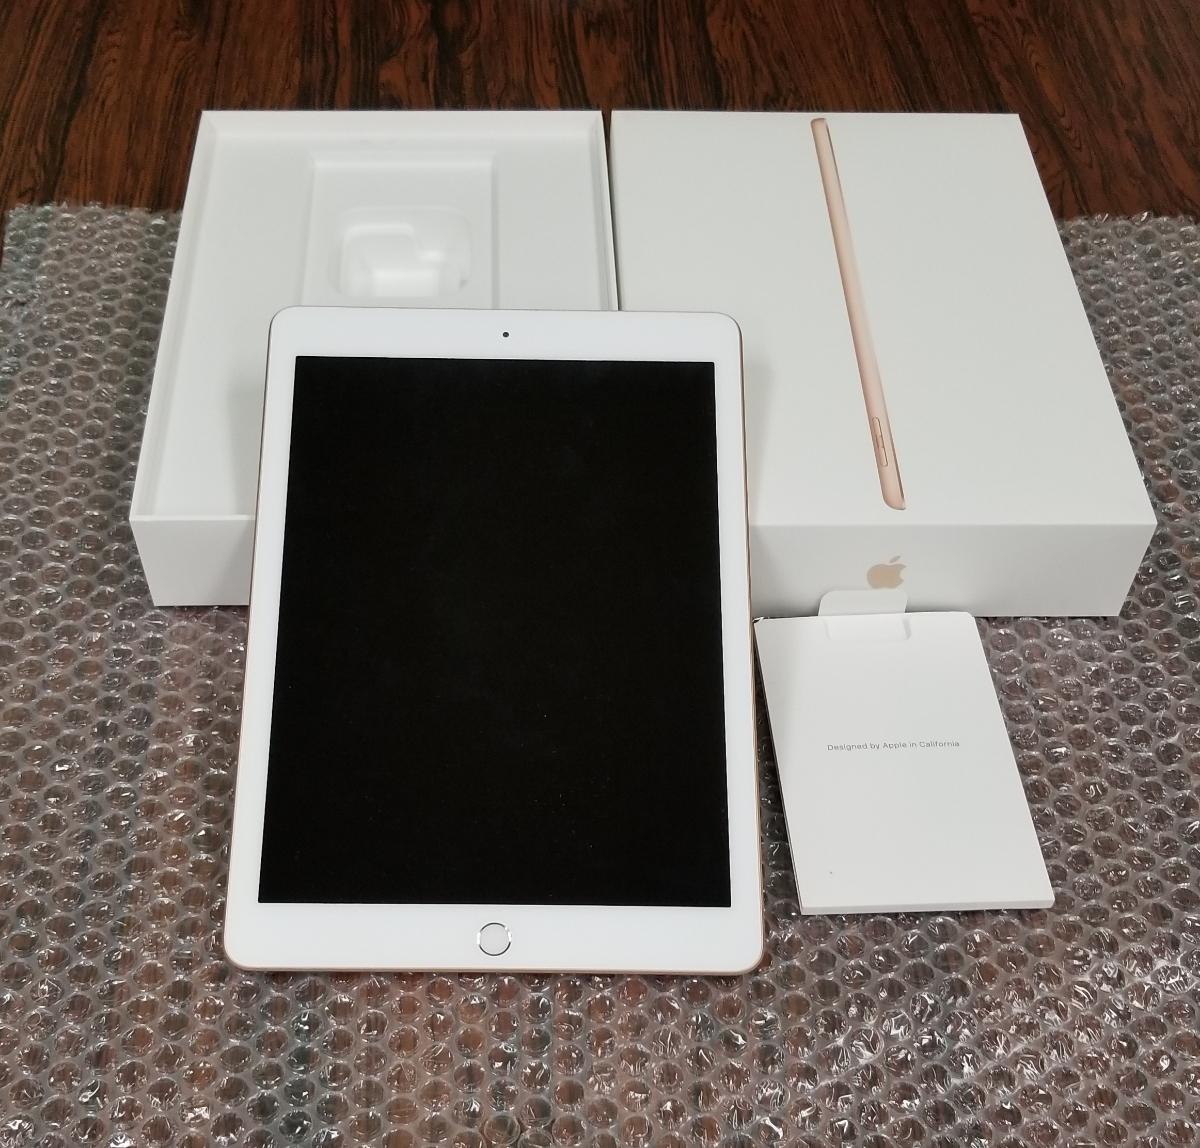 iPad 9.7インチ MRJN2J/A32GB ゴールド wifiモデル 第6世代 美品 2019.1購入品